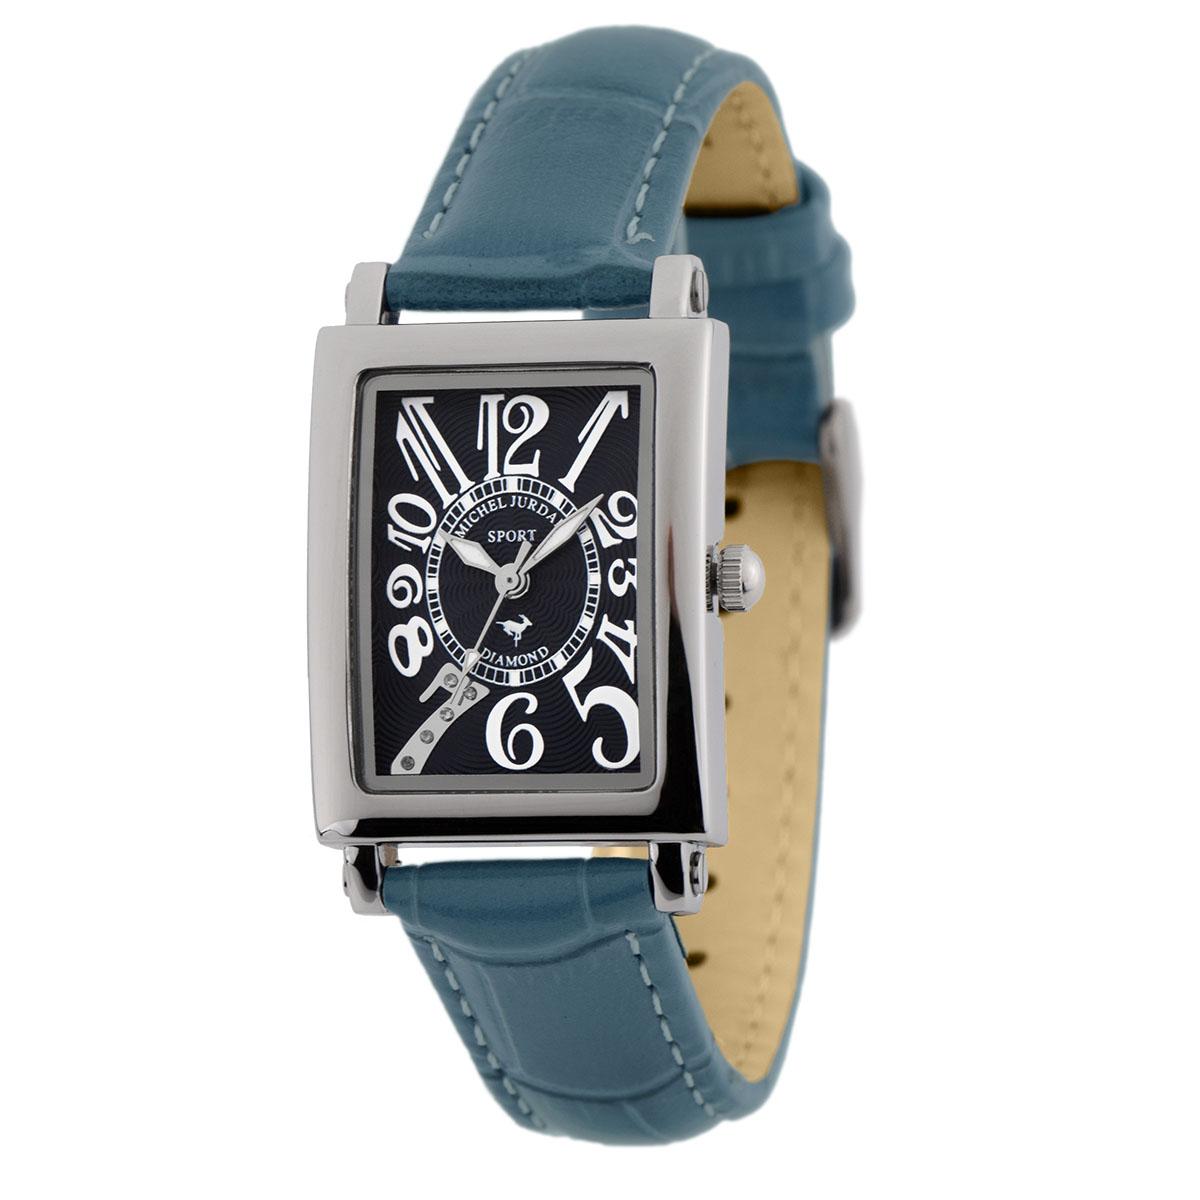 ミッシェル・ジョルダン MICHEL JURDAIN SPORTダイヤモンド SL-3000-8 ユニセックス 時計 腕時計 クオーツ